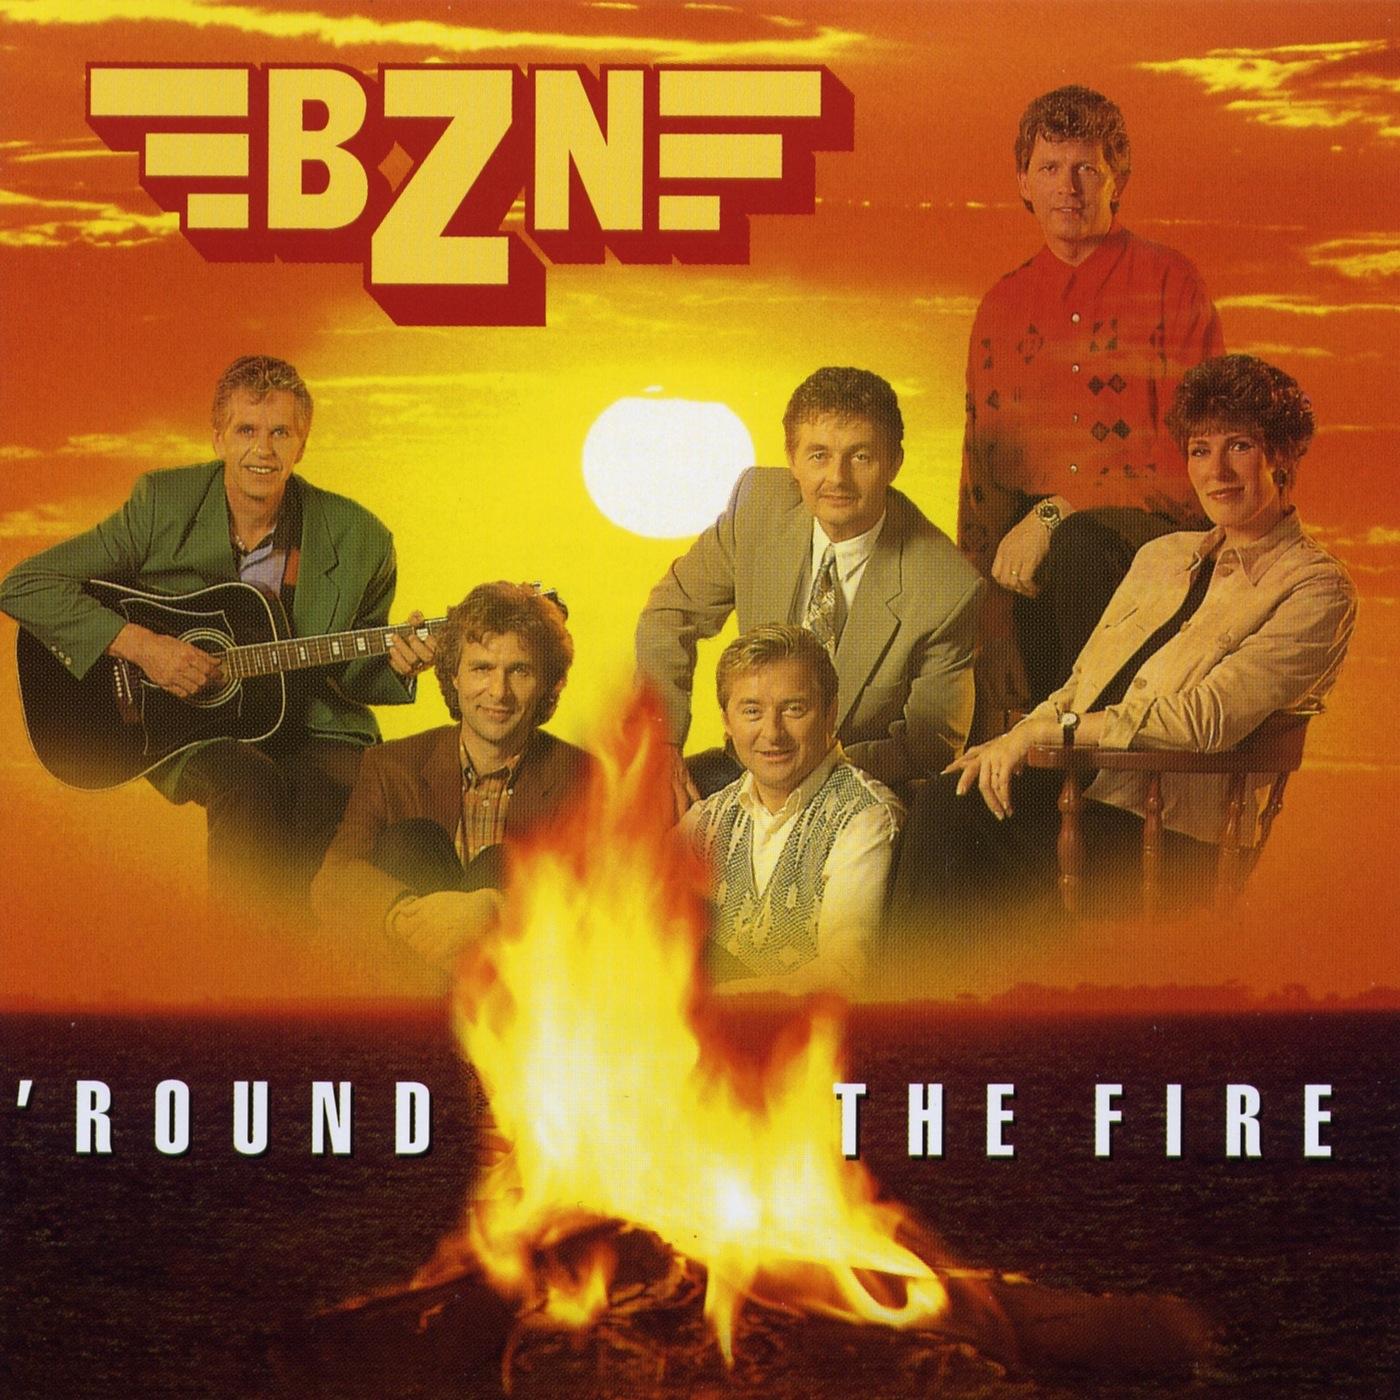 BZN - Round the fire